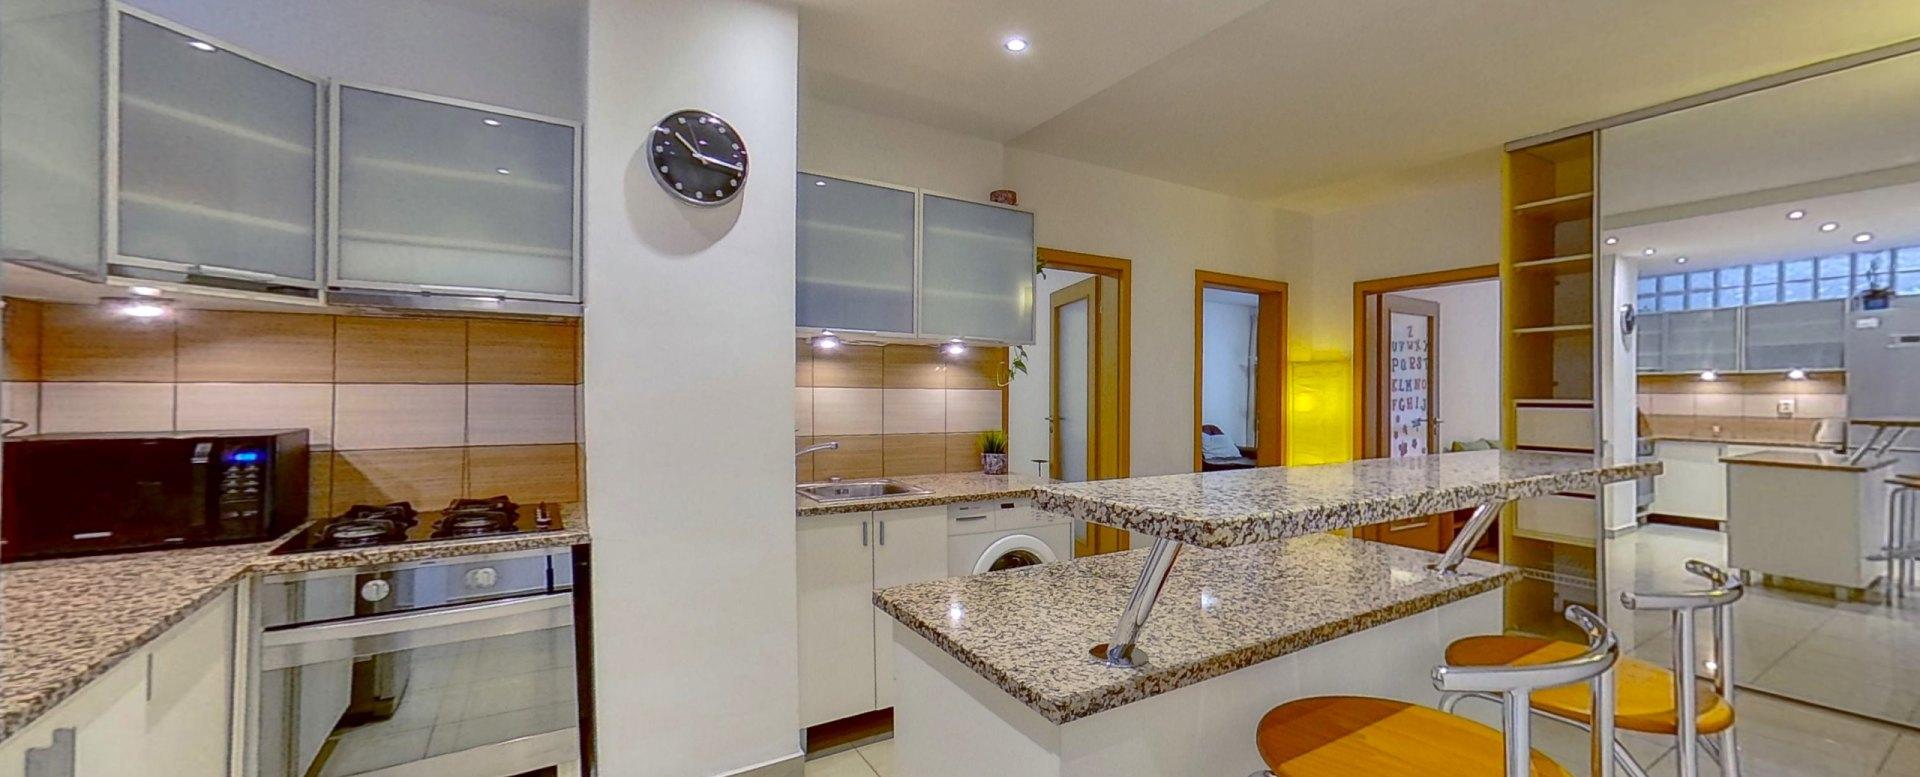 Pohľad na kuchyňu a vstupy do izieb